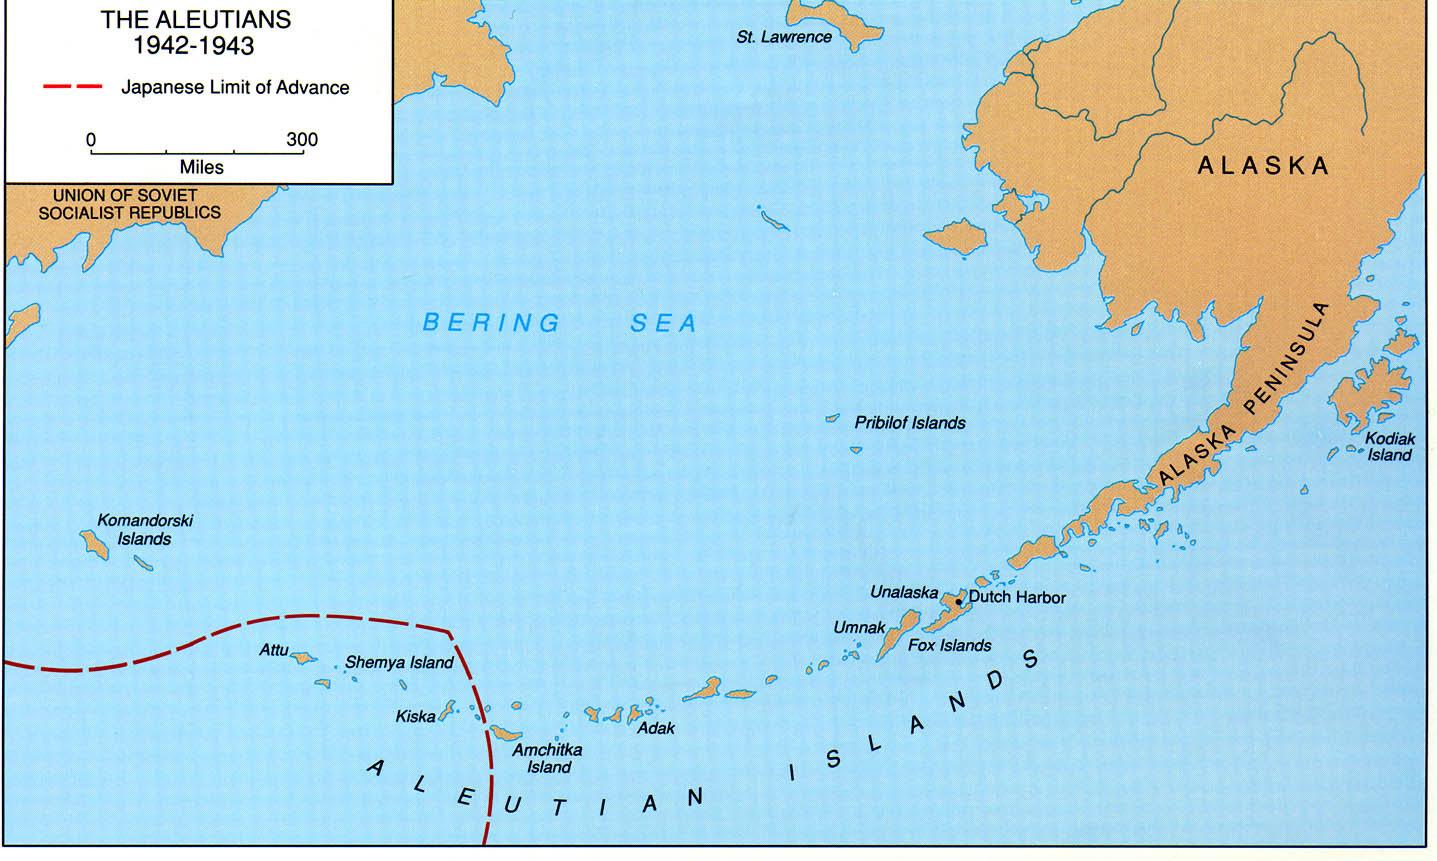 Resultado de imagen de kiska and attu islands